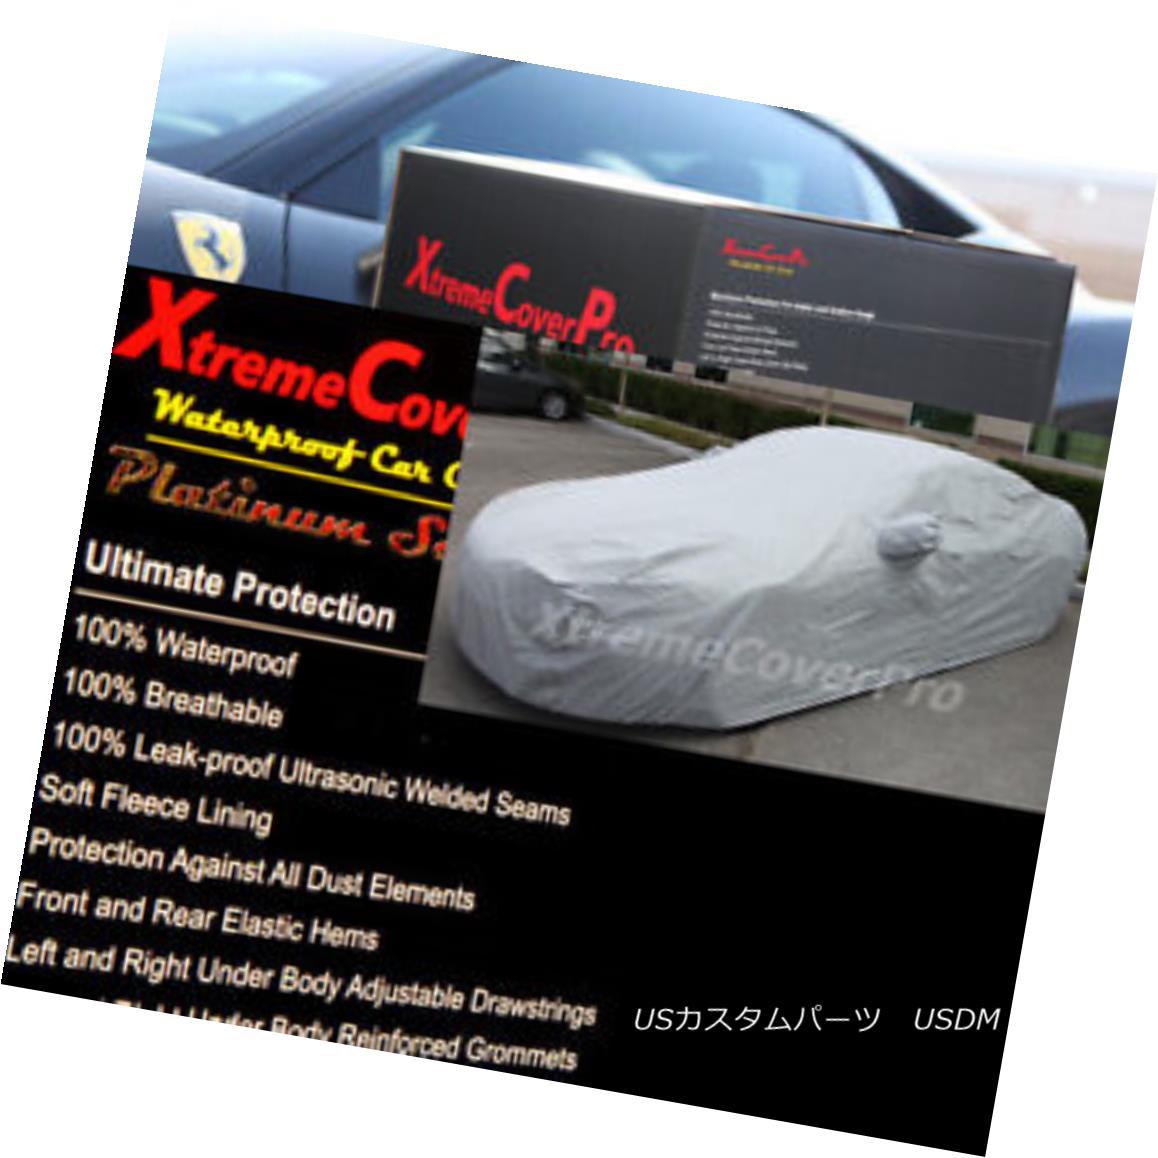 カーカバー 2002 2003 Mitsubishi Evolution w/Evo Spoiler Waterproof Car Cover w/MirrorPocket 2002年三菱エボリューションw /エボスポイラー防水カーカバーwithミラーポケット